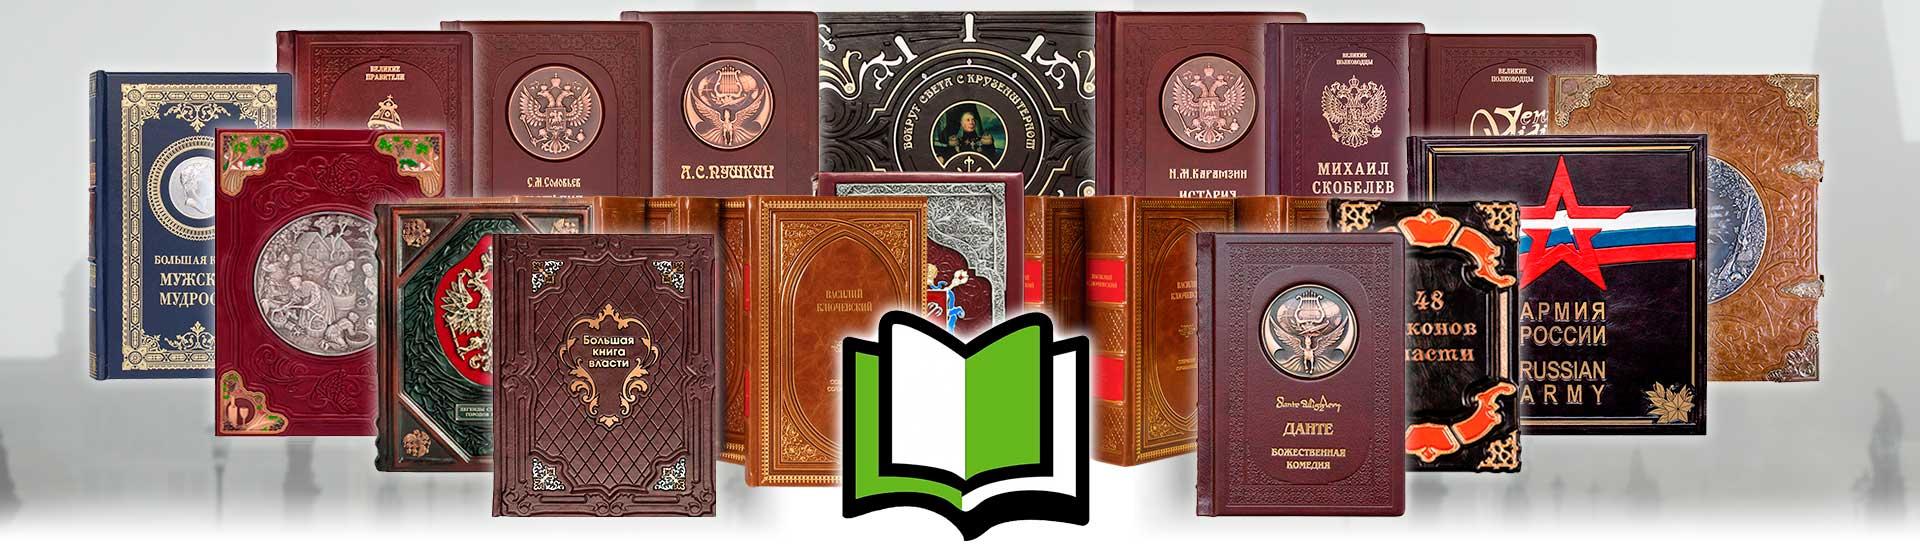 Подарочные издания книг и дорогостоящие книги — Book Present / Книга в подарок